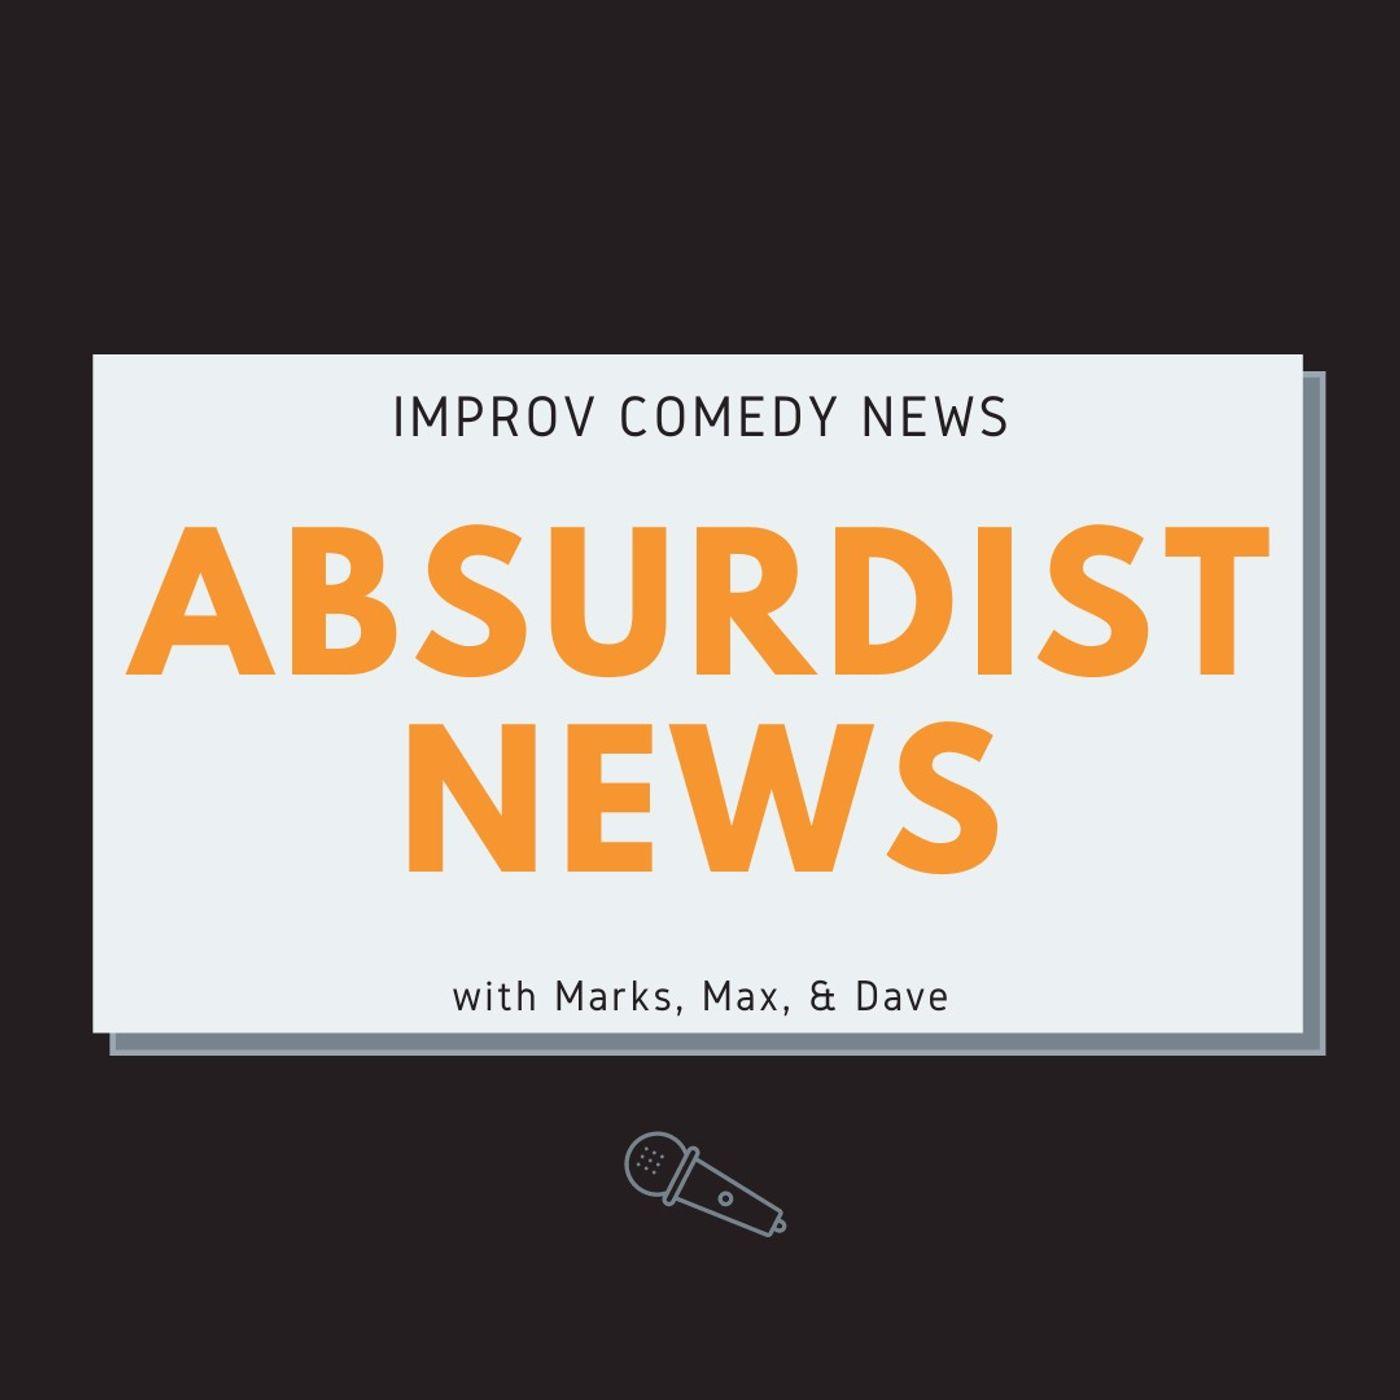 Absurdist News